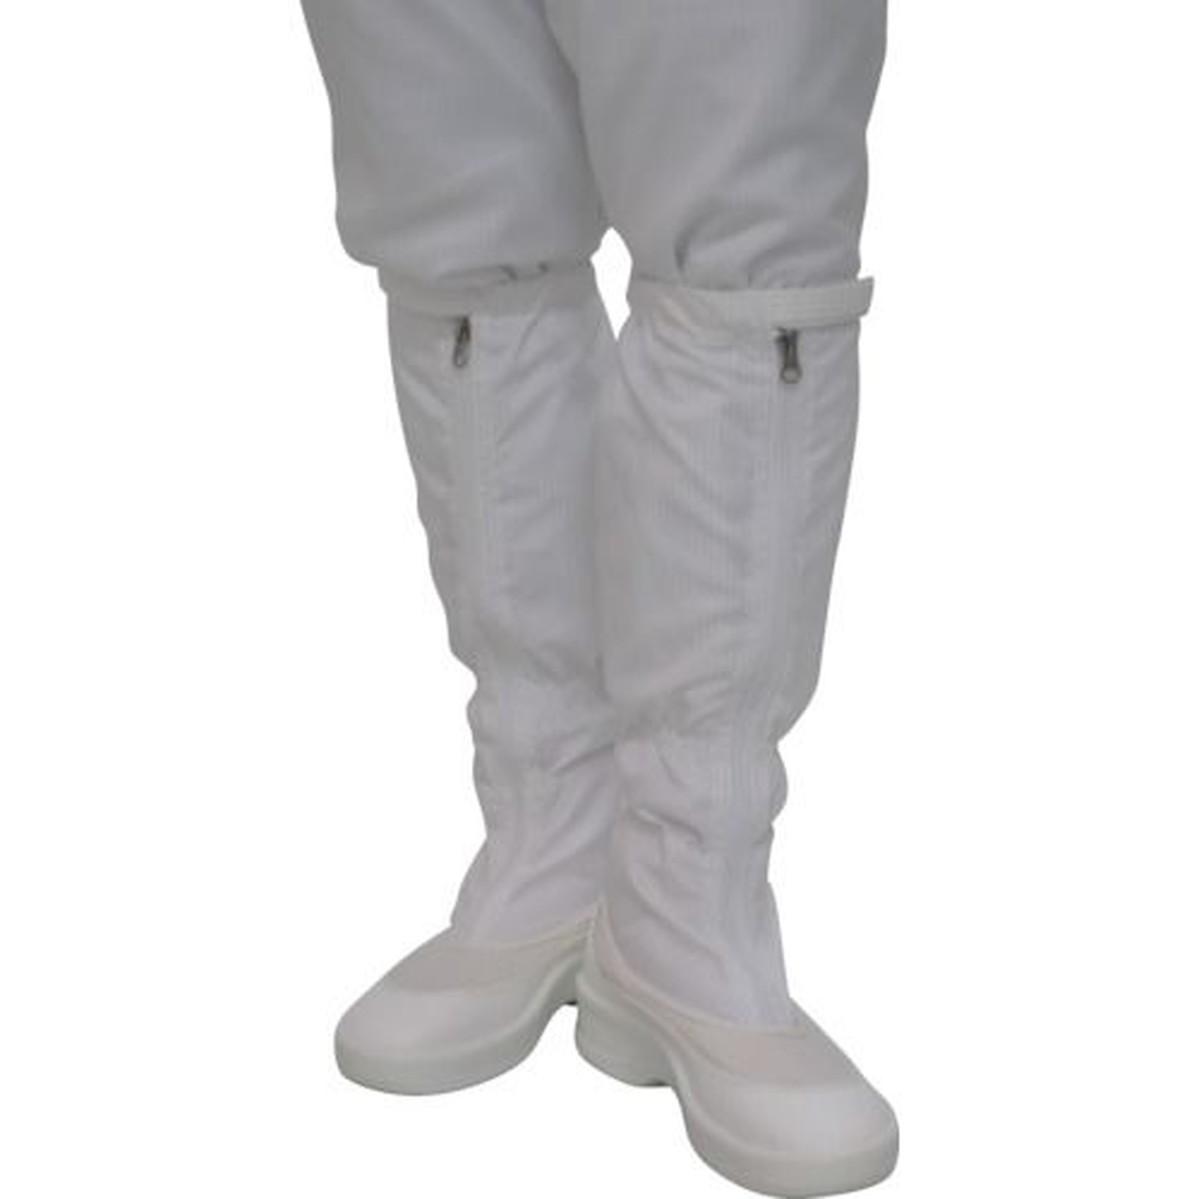 あす楽対応 送料無料/新品 DIY用品 ゴールドウイン ファスナー付ロングブーツ 5%OFF 1足 27.5cm ホワイト